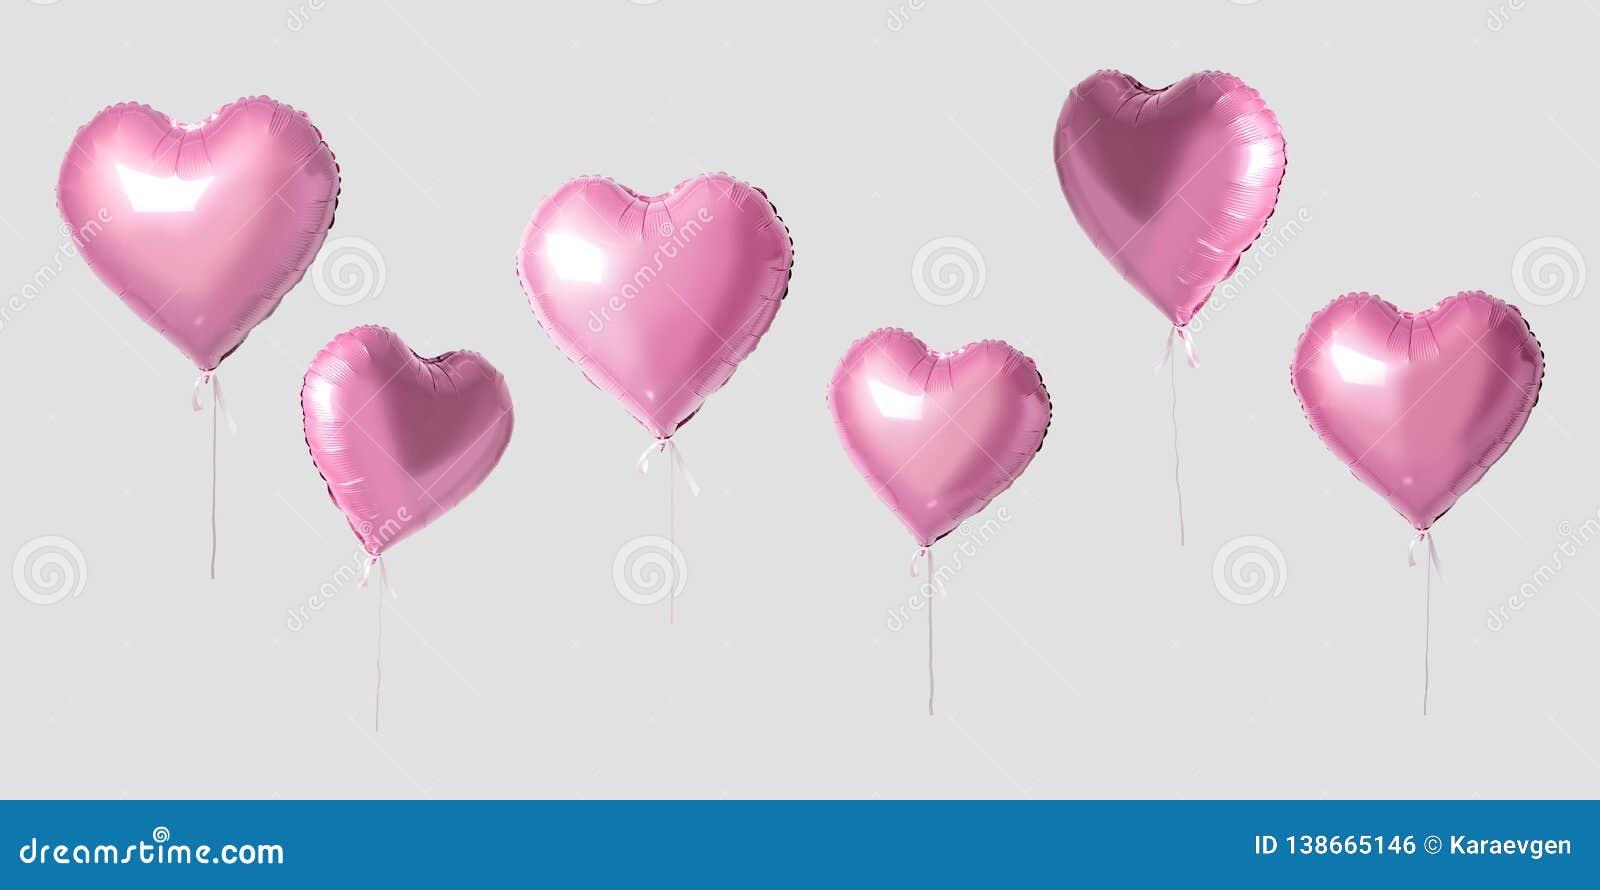 Πολλά ρόδινα μπαλόνια καρδιών στο φωτεινό υπόβαθρο Ελάχιστη έννοια αγάπης